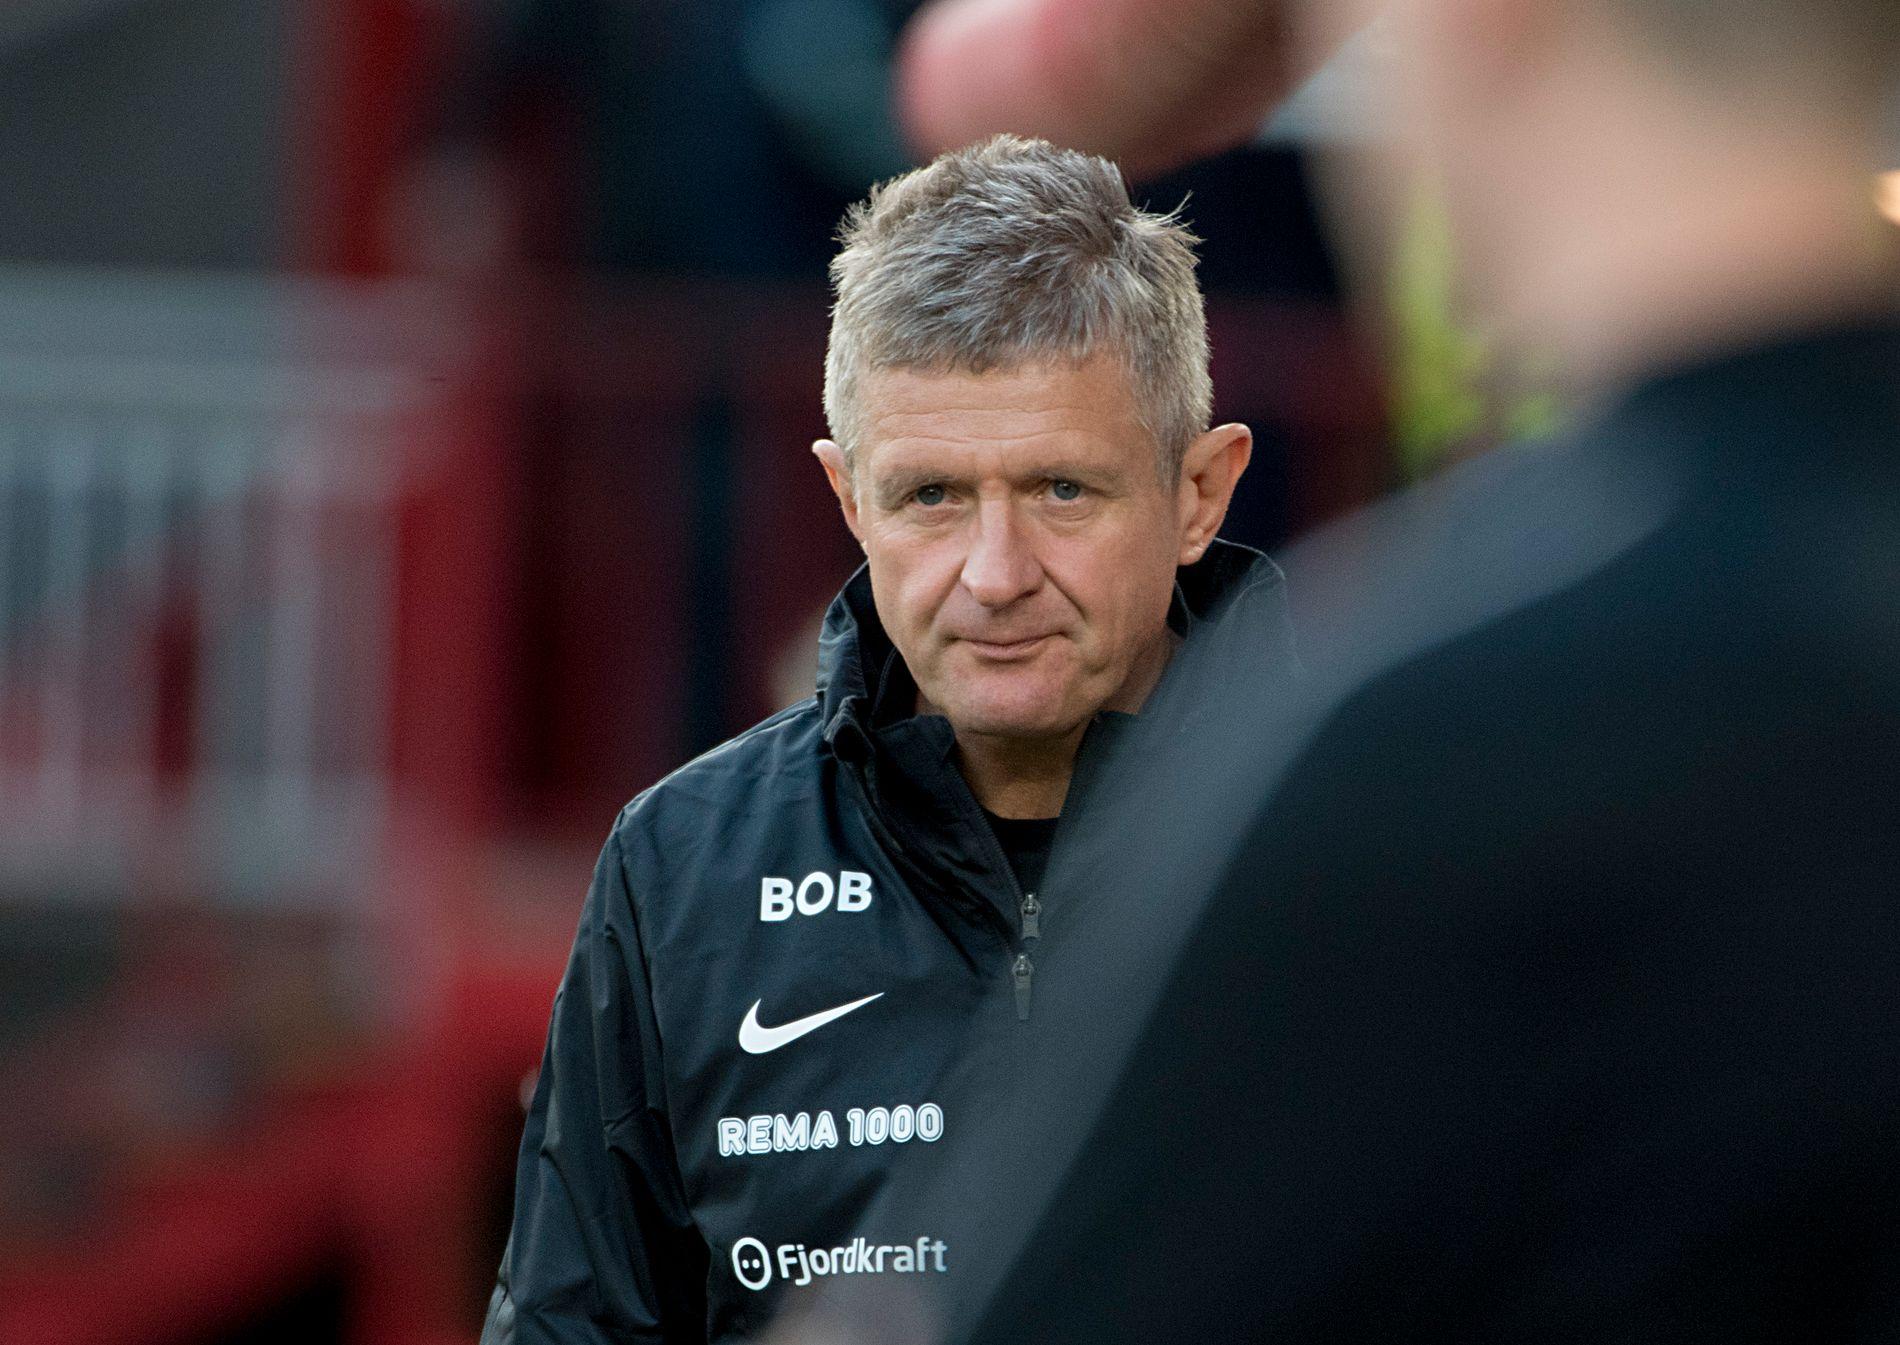 BENKET BAMBA: Brann-trener Lars Arne Nilsen har ikke startet med Daouda Bamba som spiss i de to første kampene i Eliteserien. Får han sjansen mot sine gamle lagkamerater i Kristiansund når de møtes onsdag denne uken?